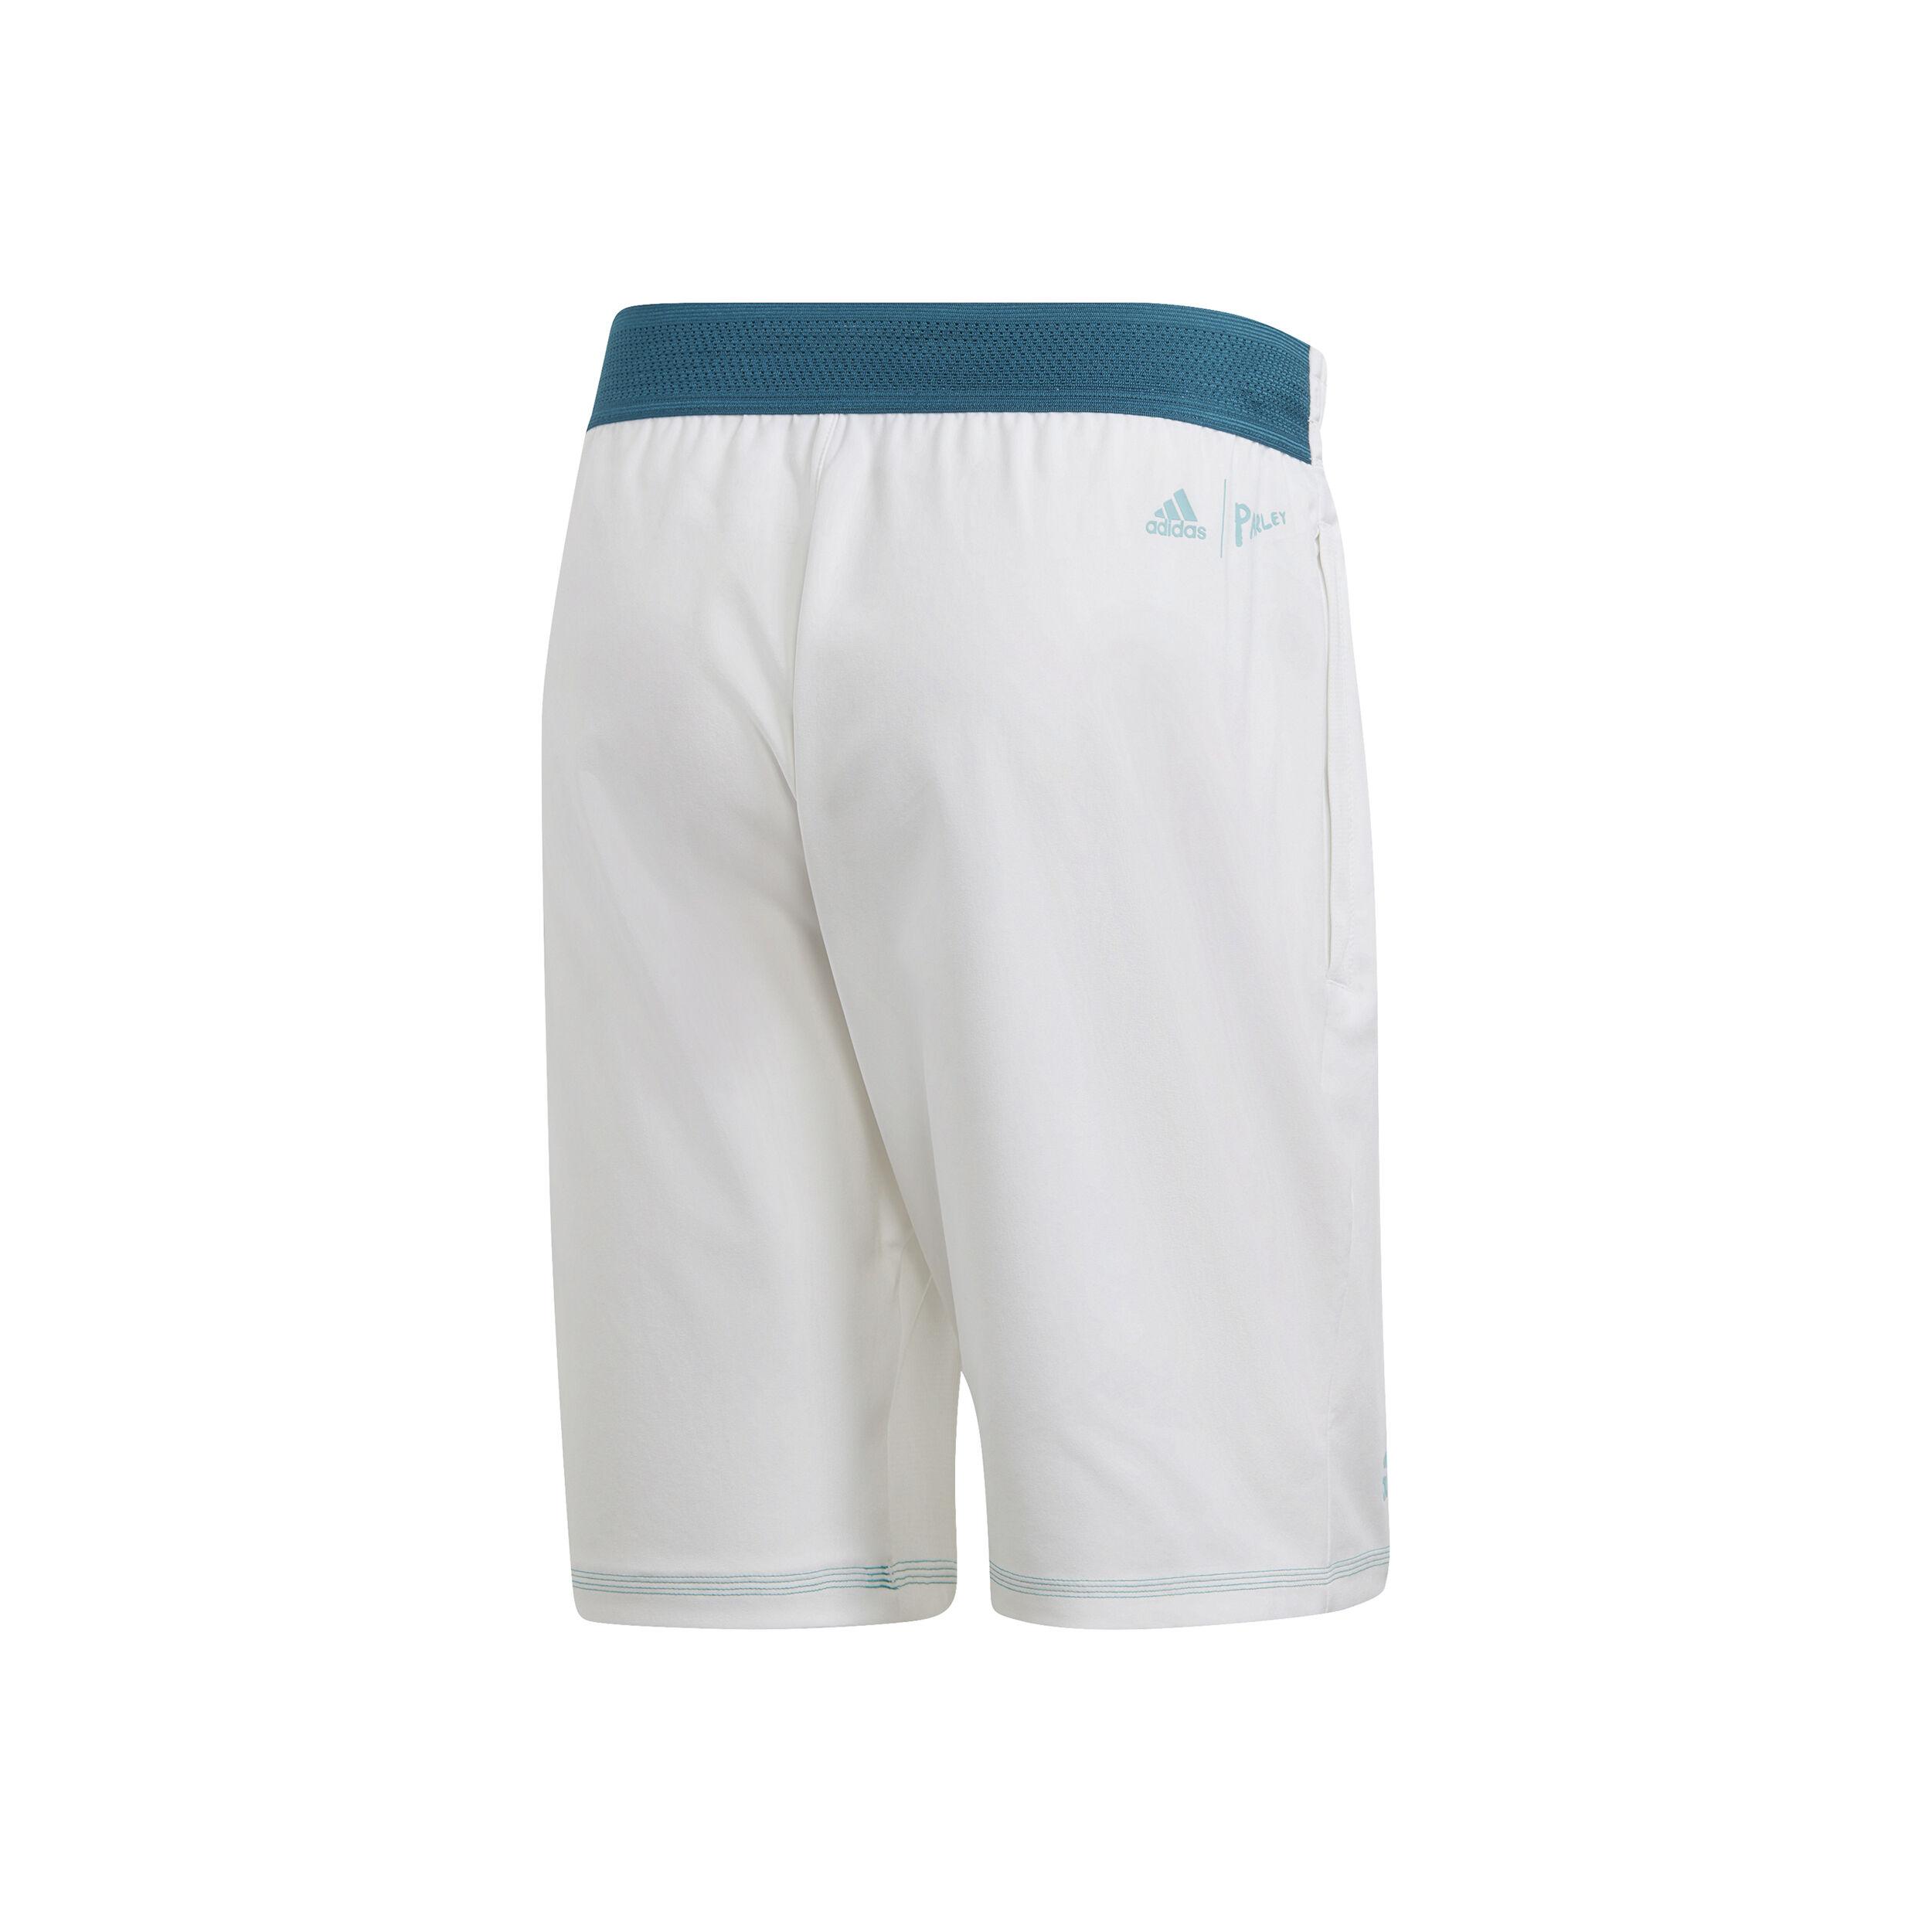 adidas Parley Shorts Herren Weiß, Petrol online kaufen